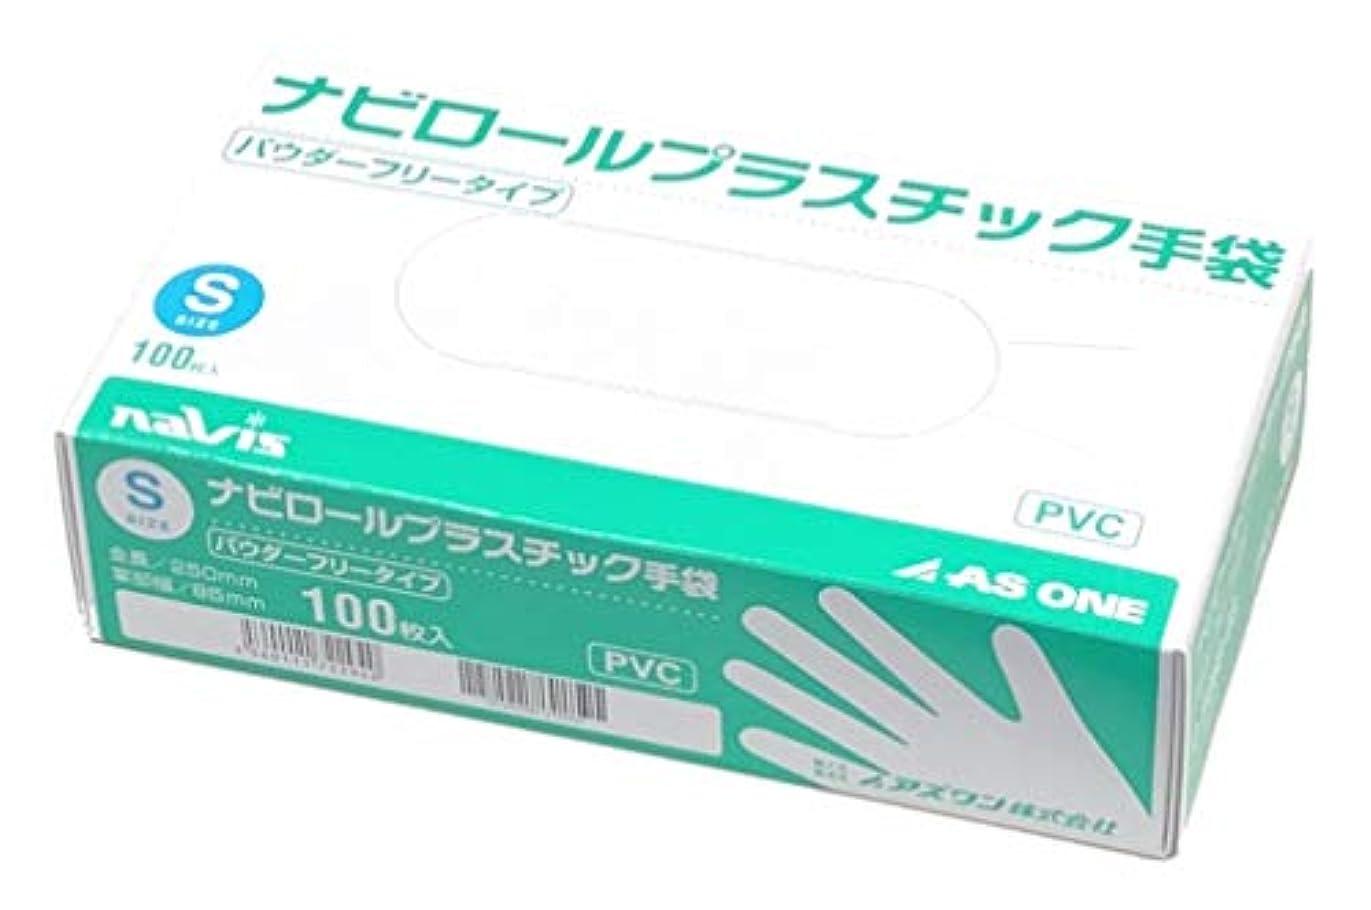 観光ランダム悪いアズワン ナビロールプラスチック手袋(パウダーフリー) S 100枚入